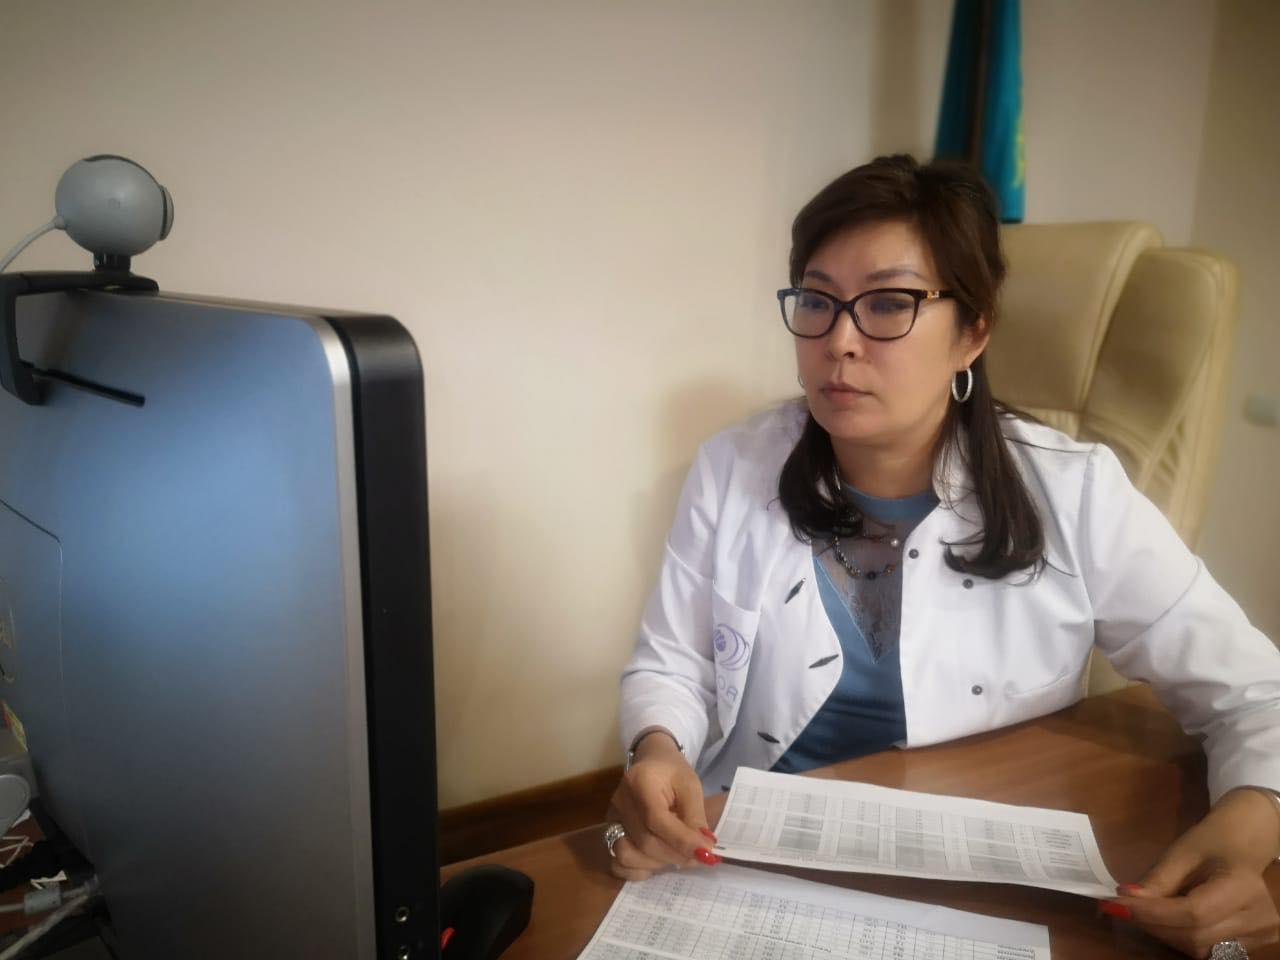 Координационный совет по онкологическим заболеваниям под председательством вице-министра здравоохранения Ажар Гиният